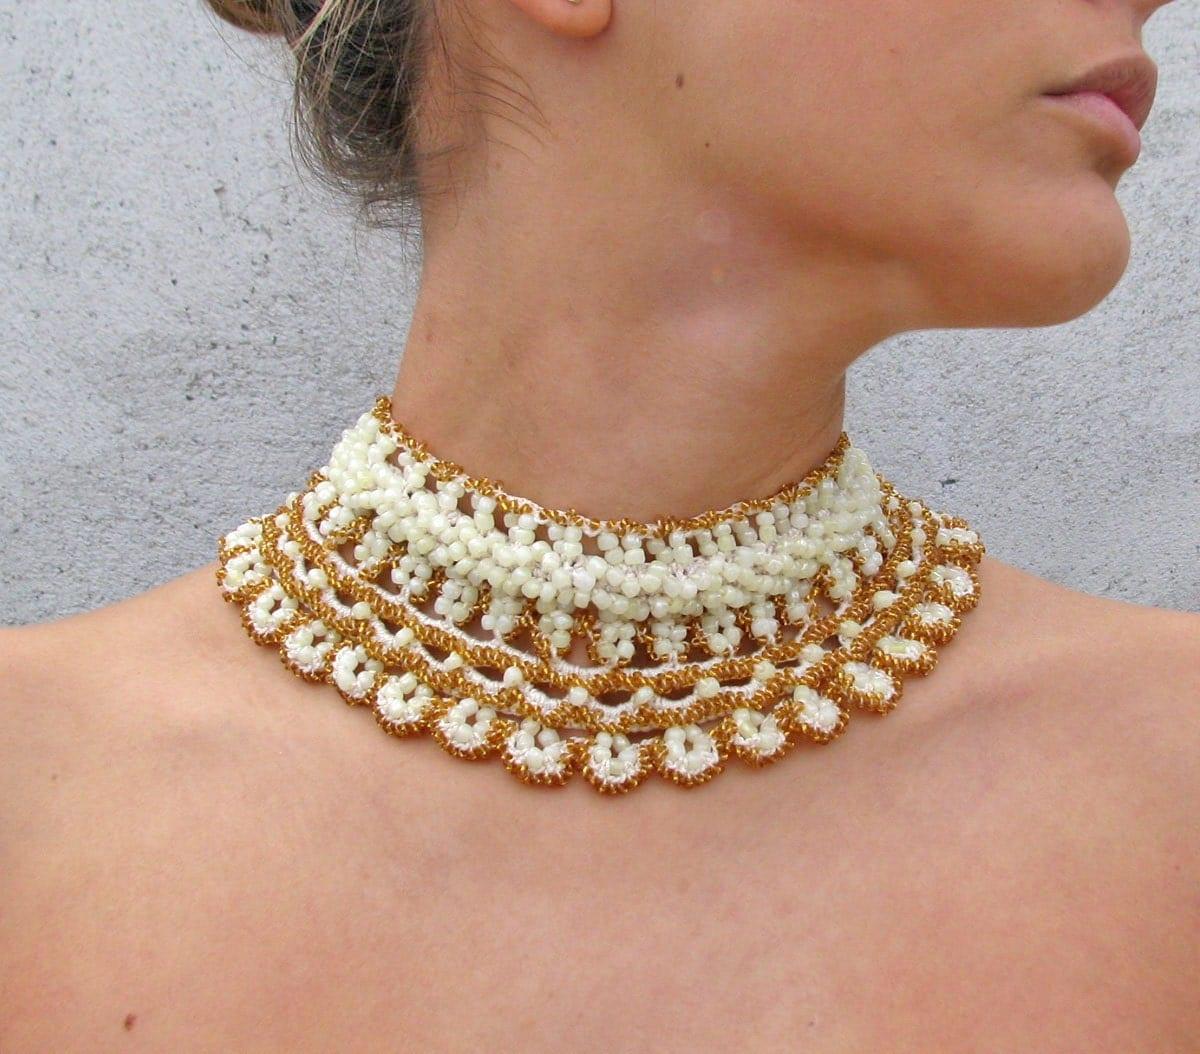 4b86105e1 Como trabalhar com bijuterias para revenda